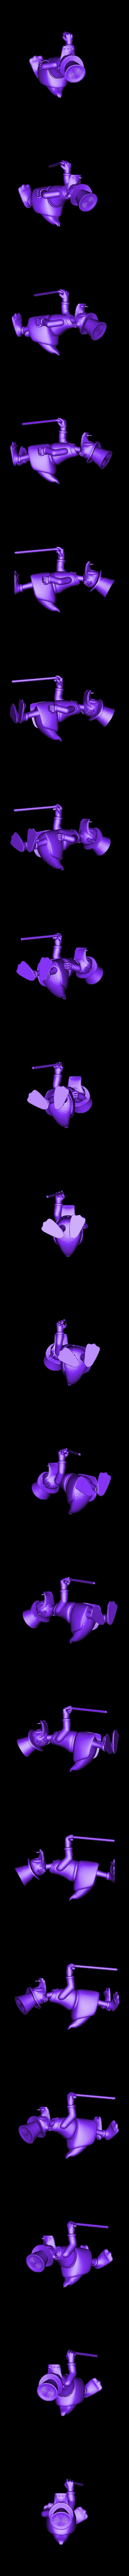 picsou entier.stl Télécharger fichier STL gratuit Scrooge McDuck / Picsou • Plan à imprimer en 3D, grogro